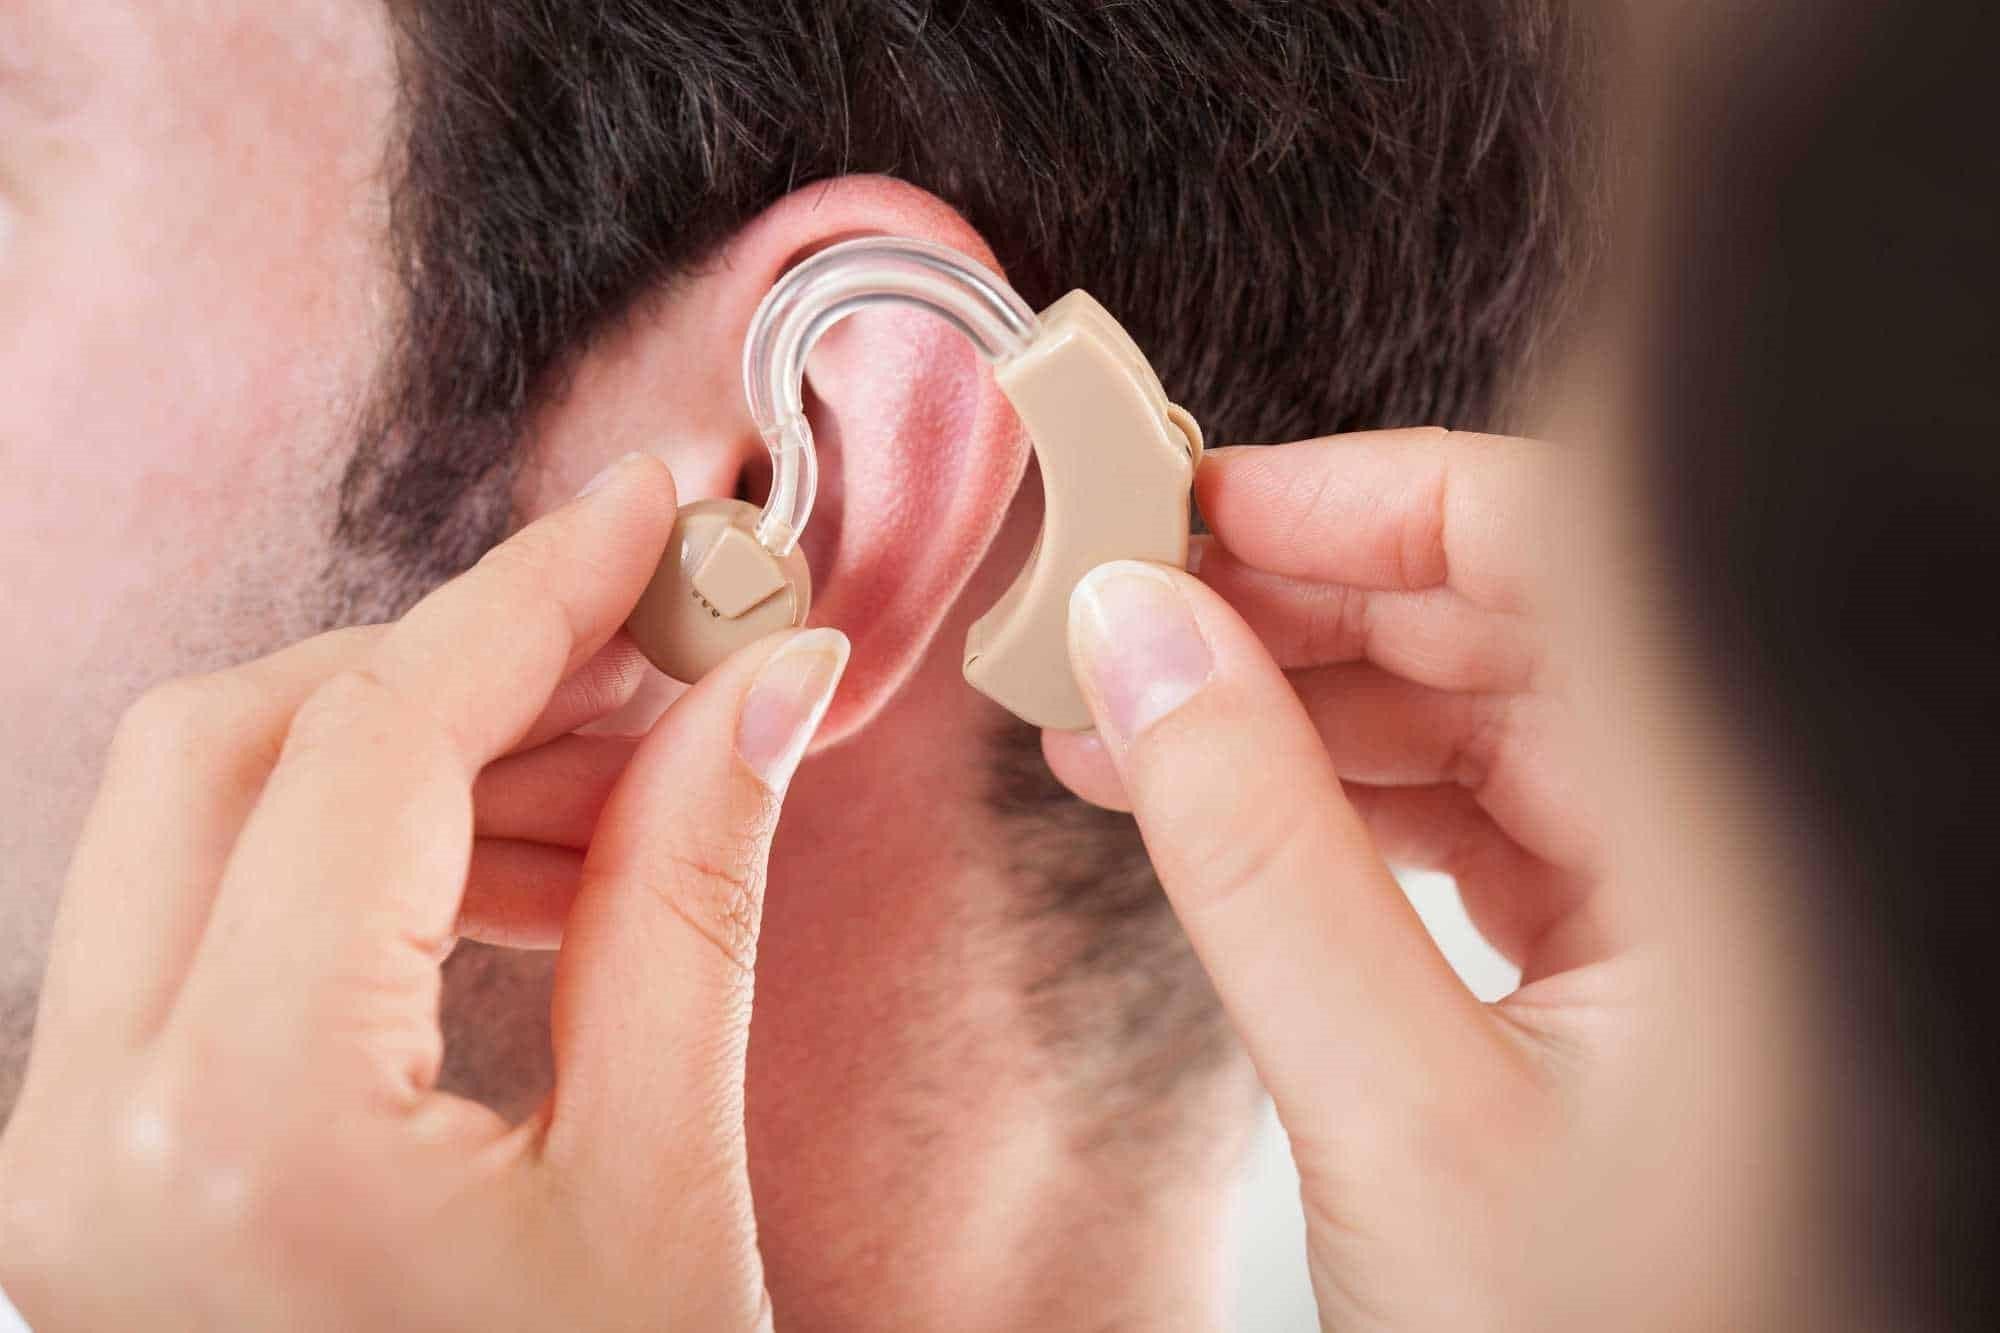 الإعاقة السمعية بين التصنيفات والأسباب وأهم الخصائص المُميّزة